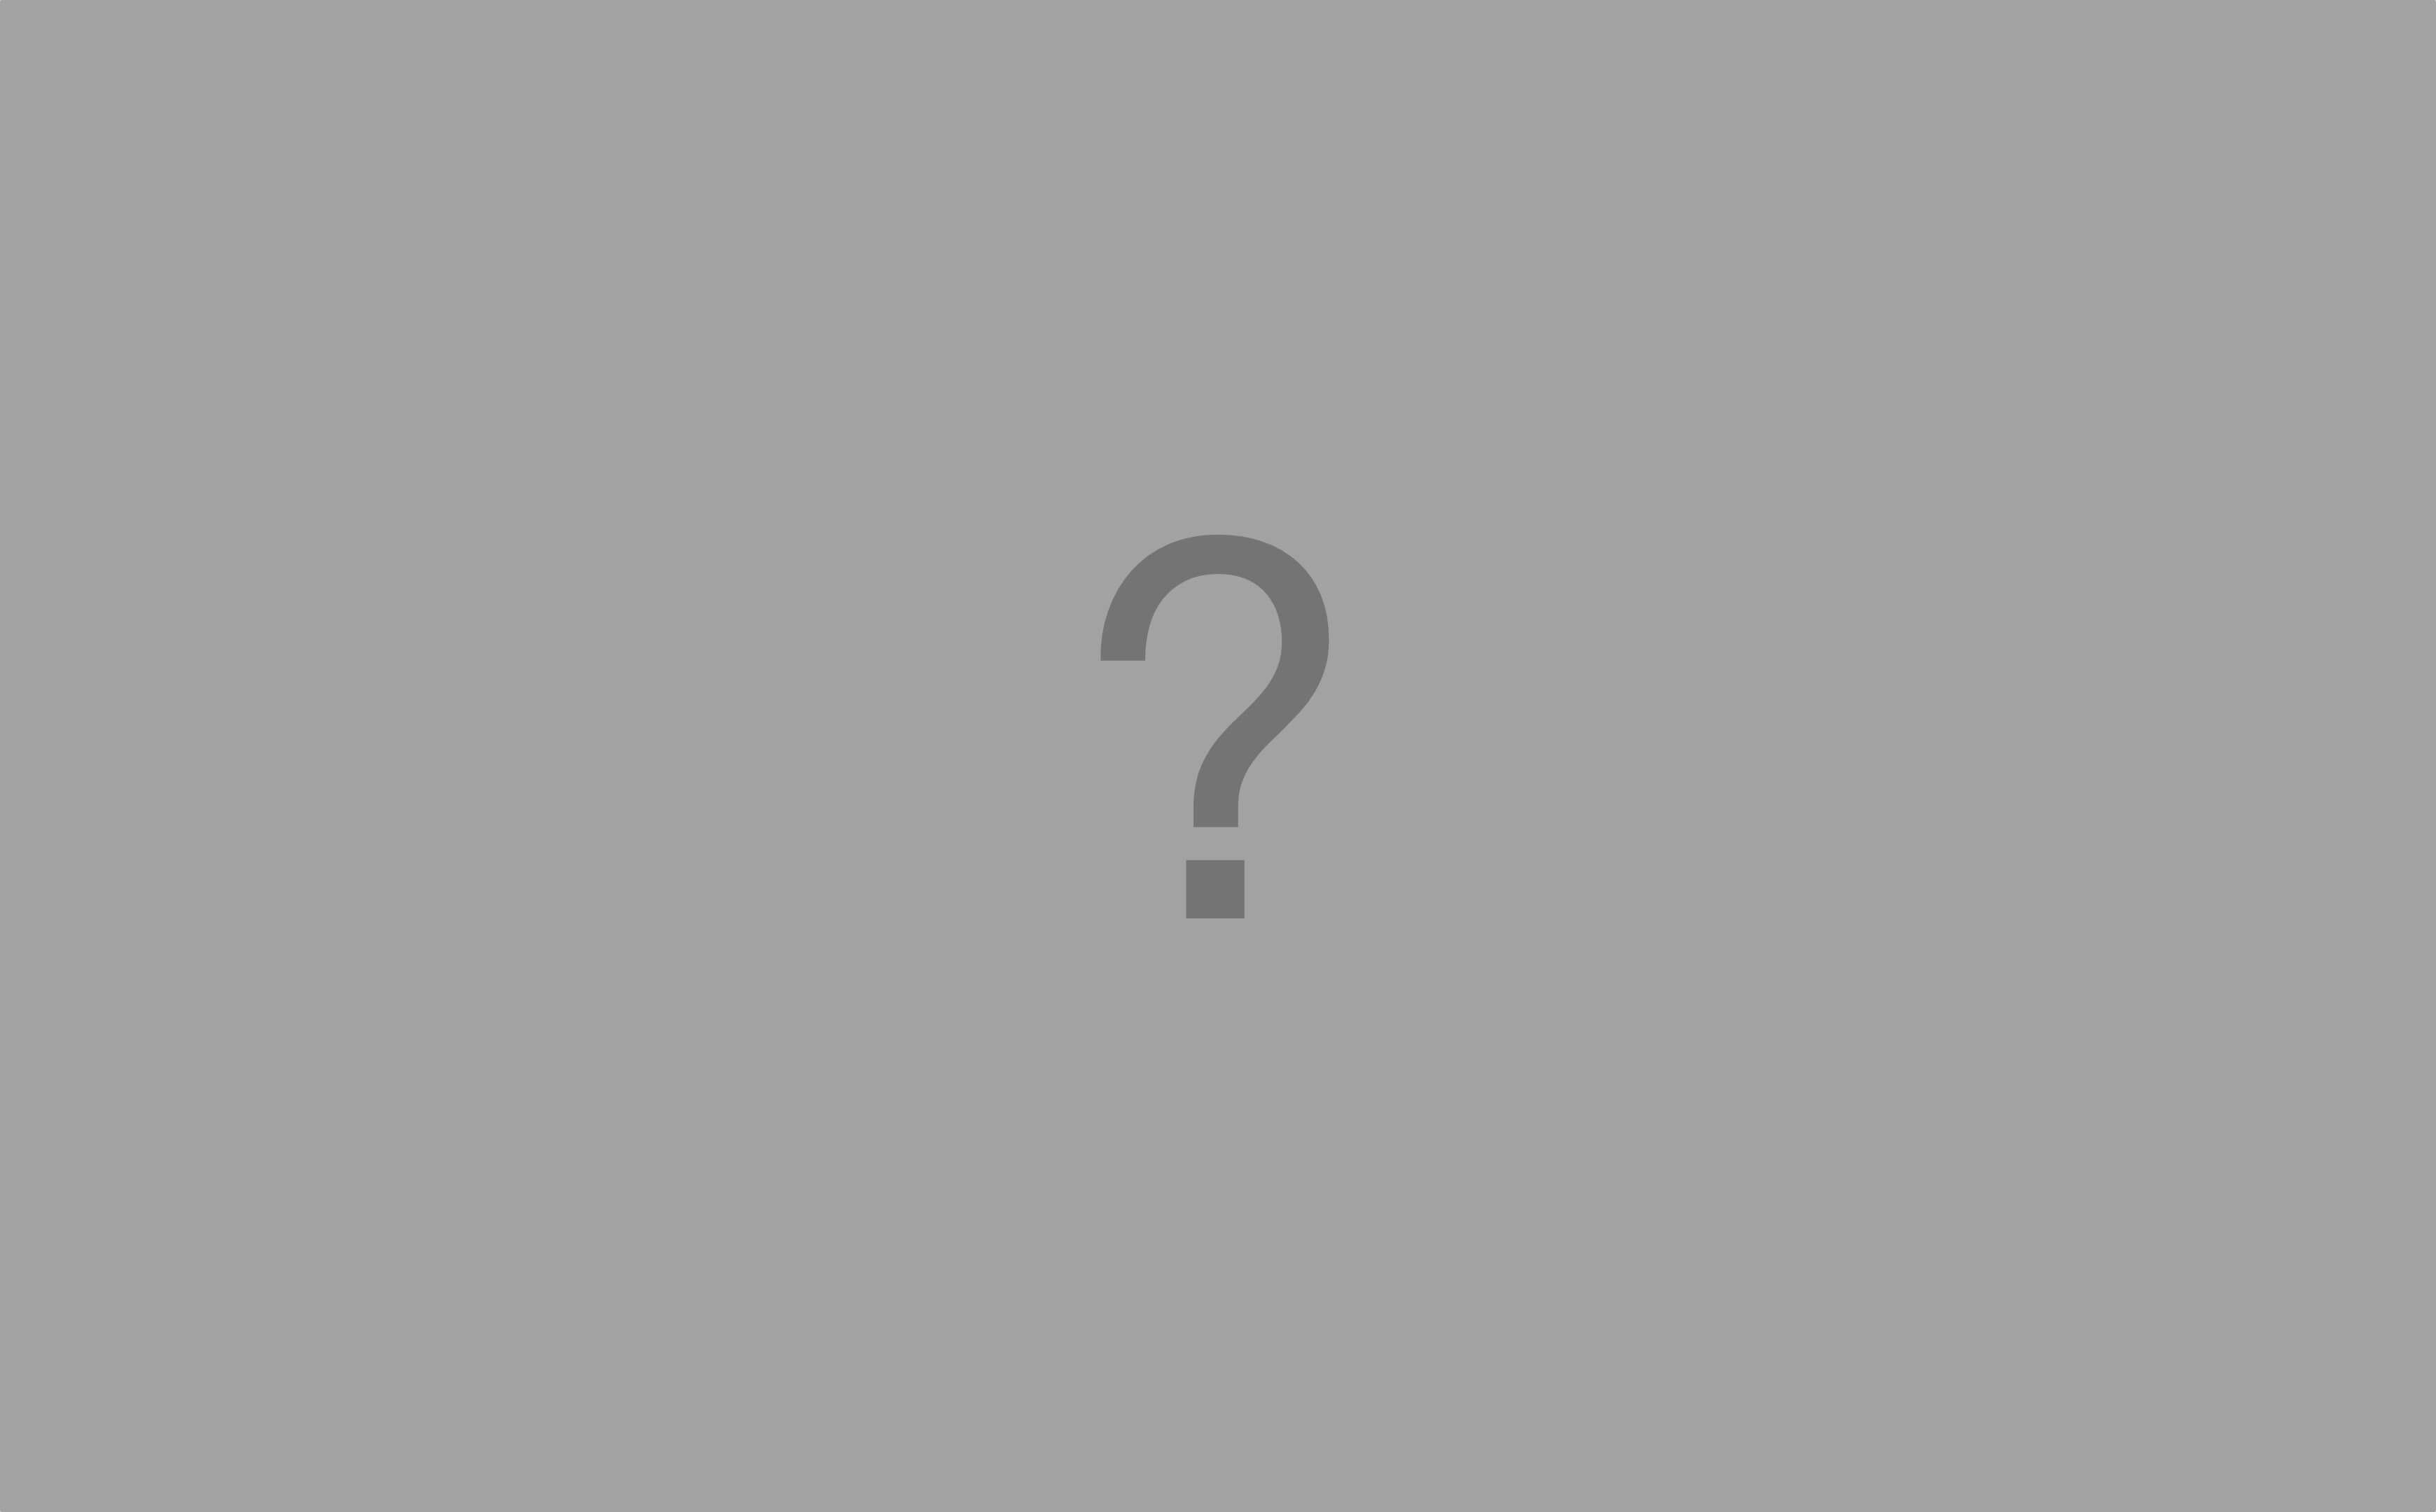 Bericht: So schnell ist der iPhone 8 Gesichtsscanner